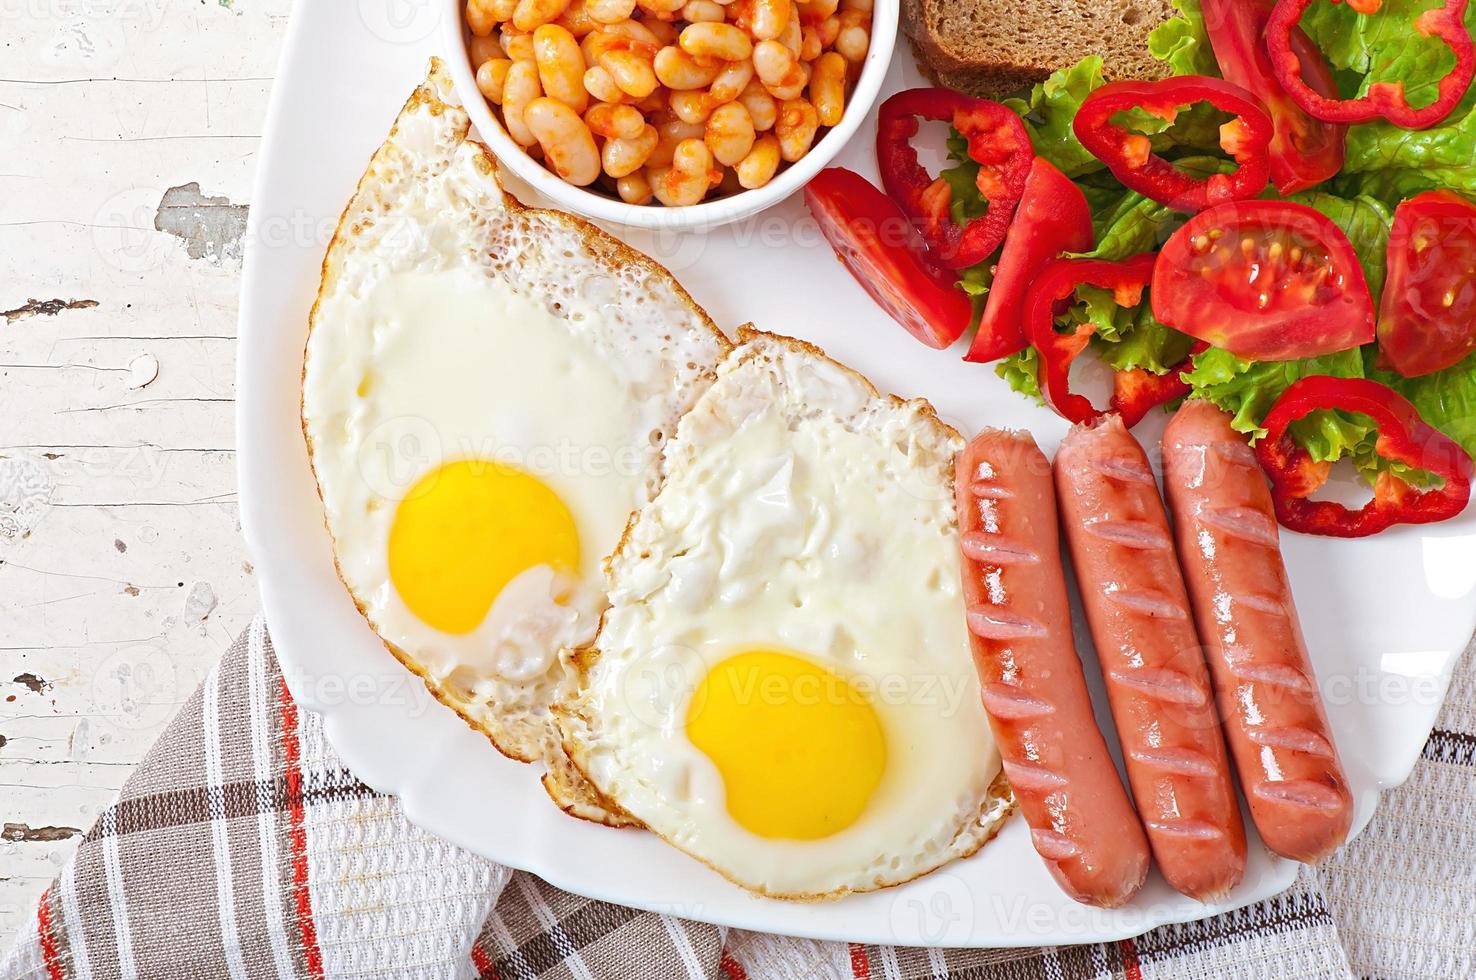 petit déjeuner anglais - saucisses, œufs, haricots et salade photo